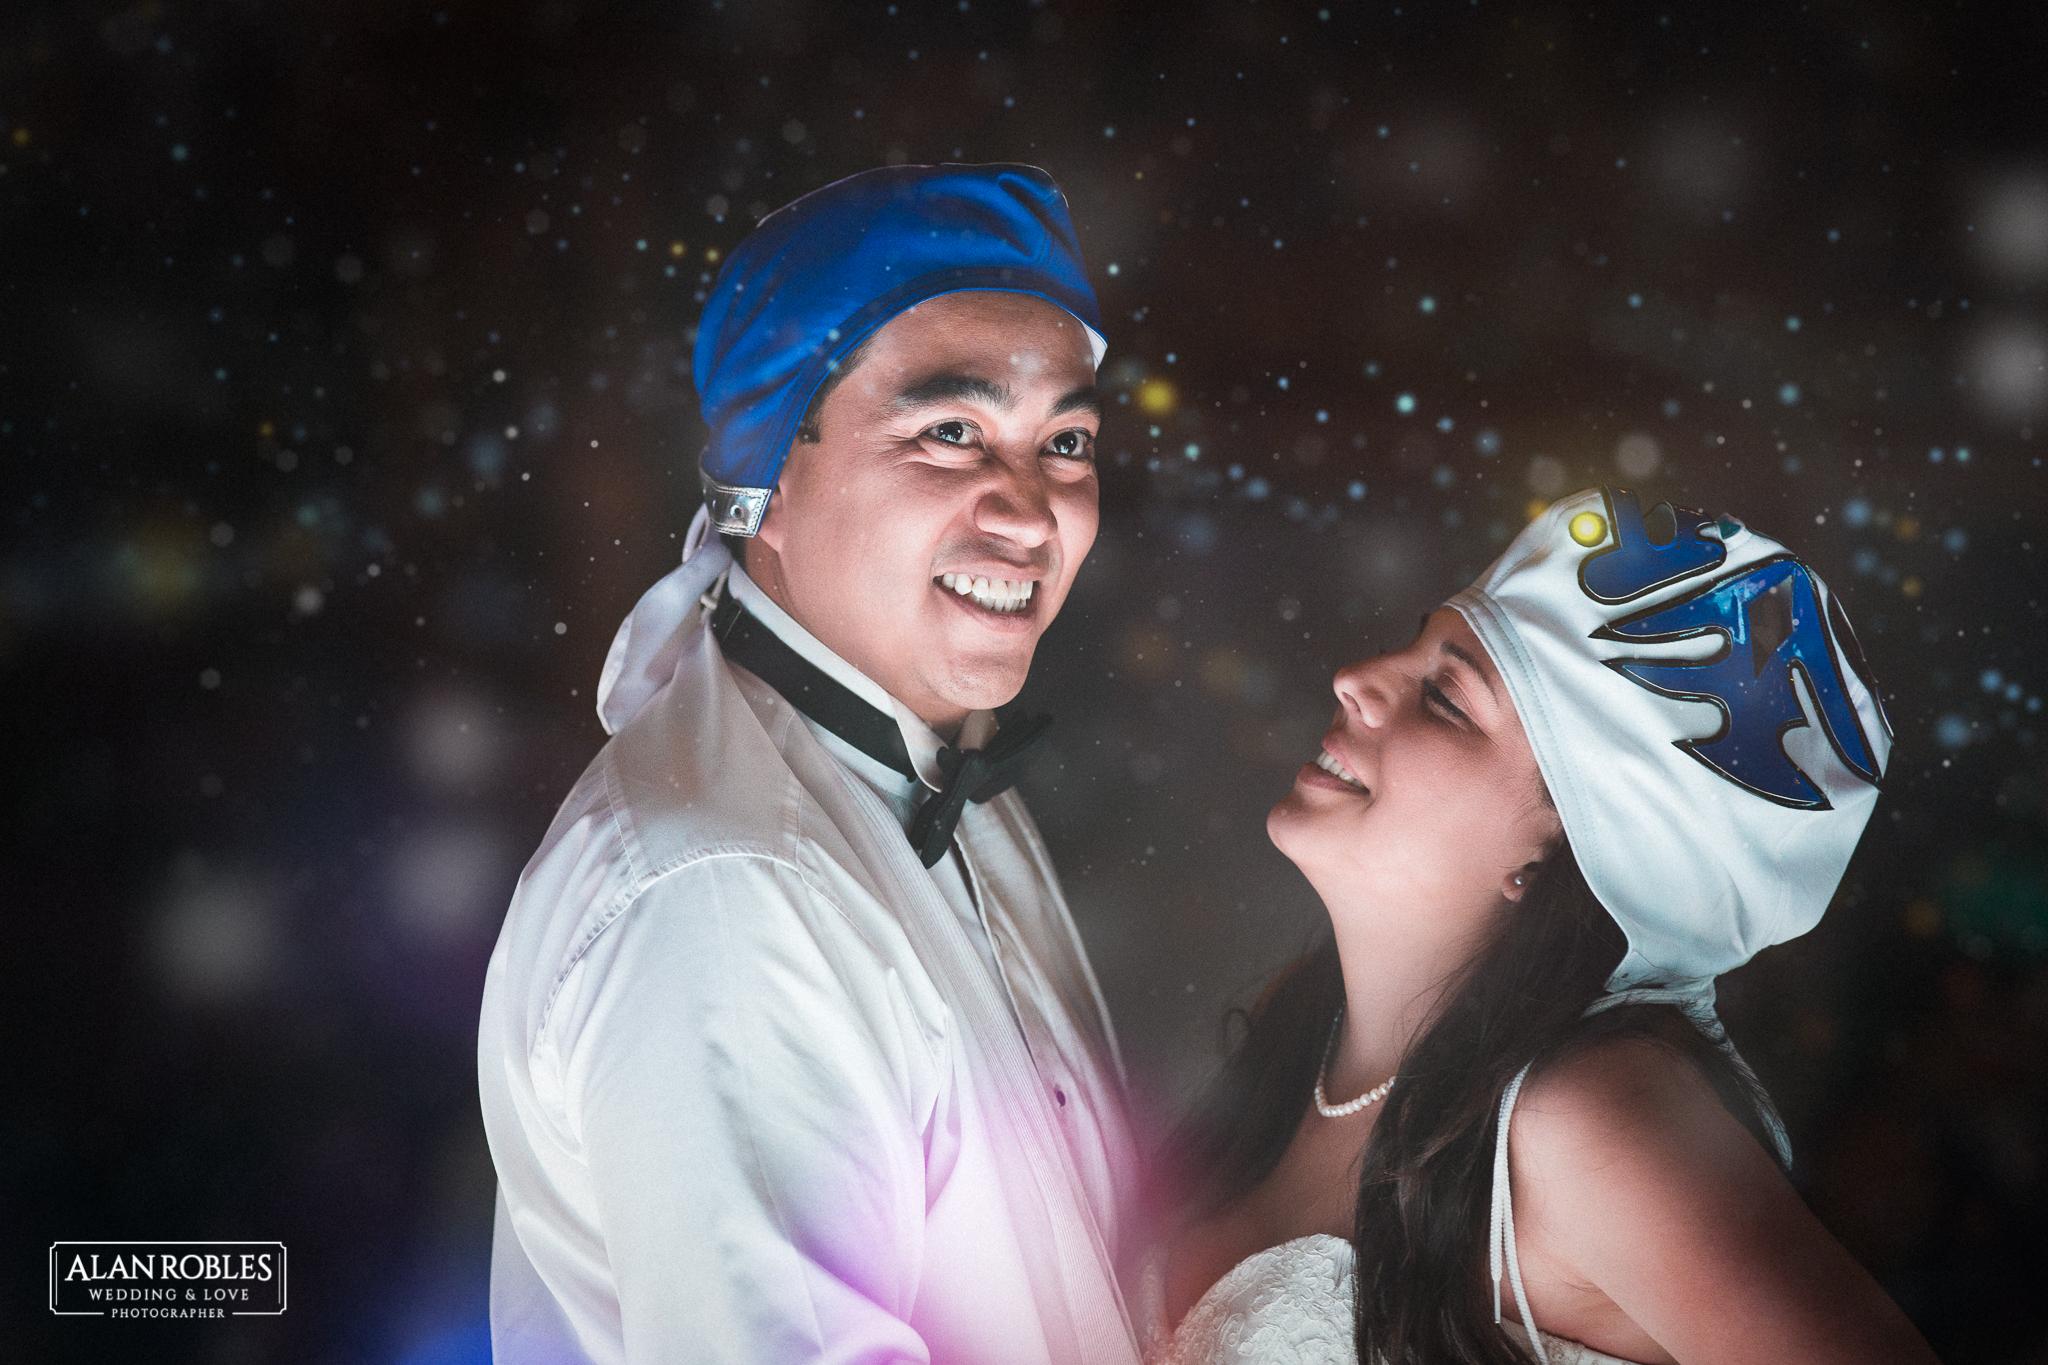 Foto divertida de novios con mascara de luchador en boda en Hacienda Los Pozos.El mejor fotografo de Bodas en Guadalajara Alan Robles.